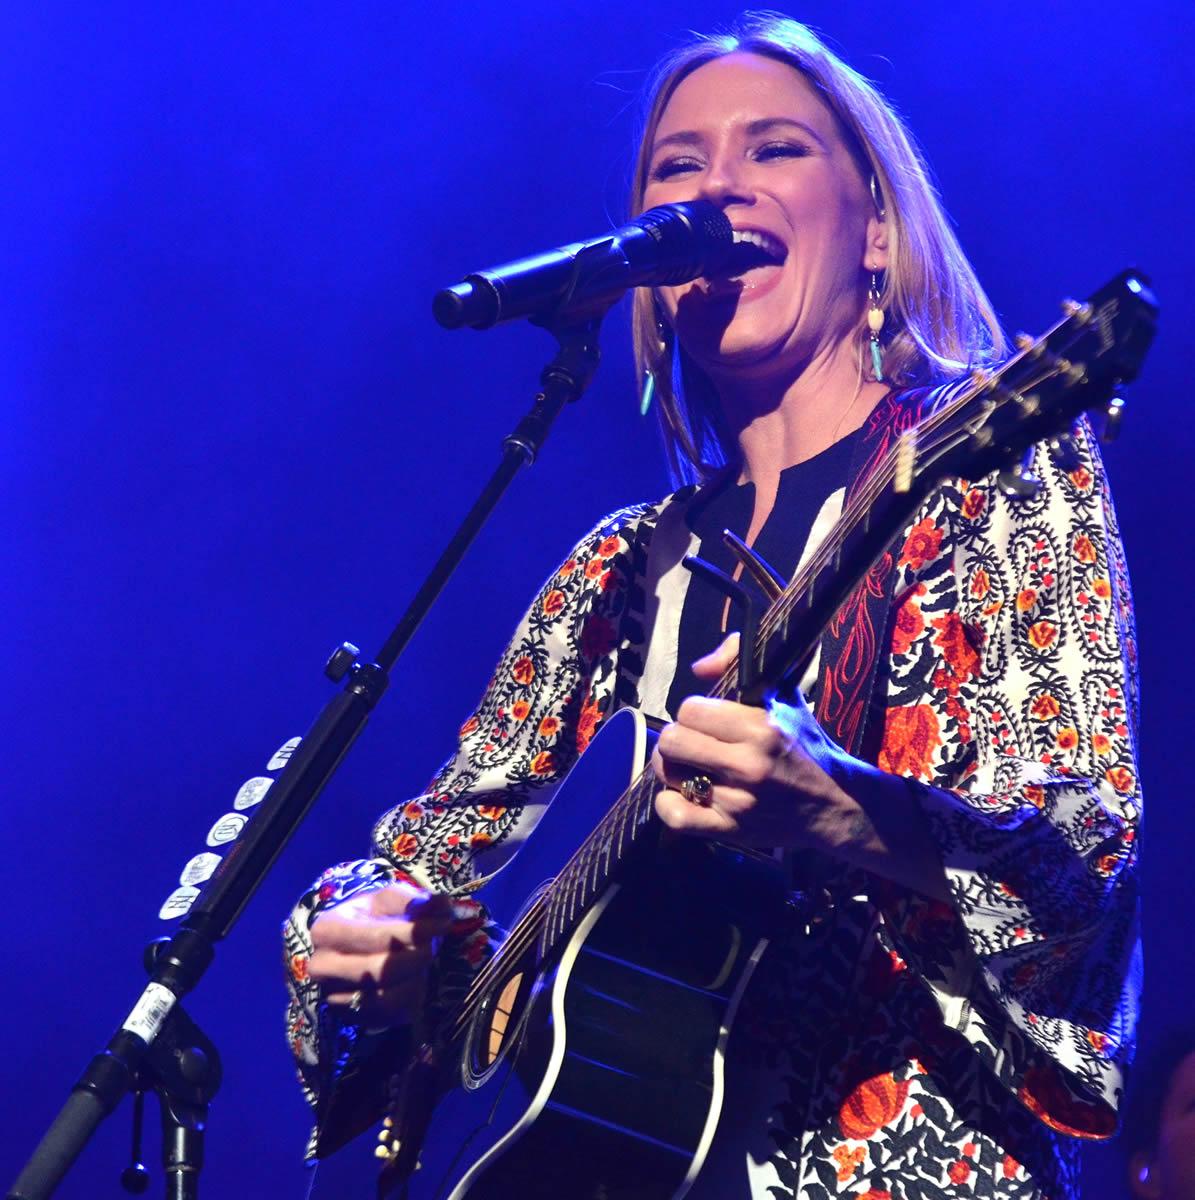 Jennifer Nettles @ House of Blues in Dallas, Texas   Photo by Joe Guzman